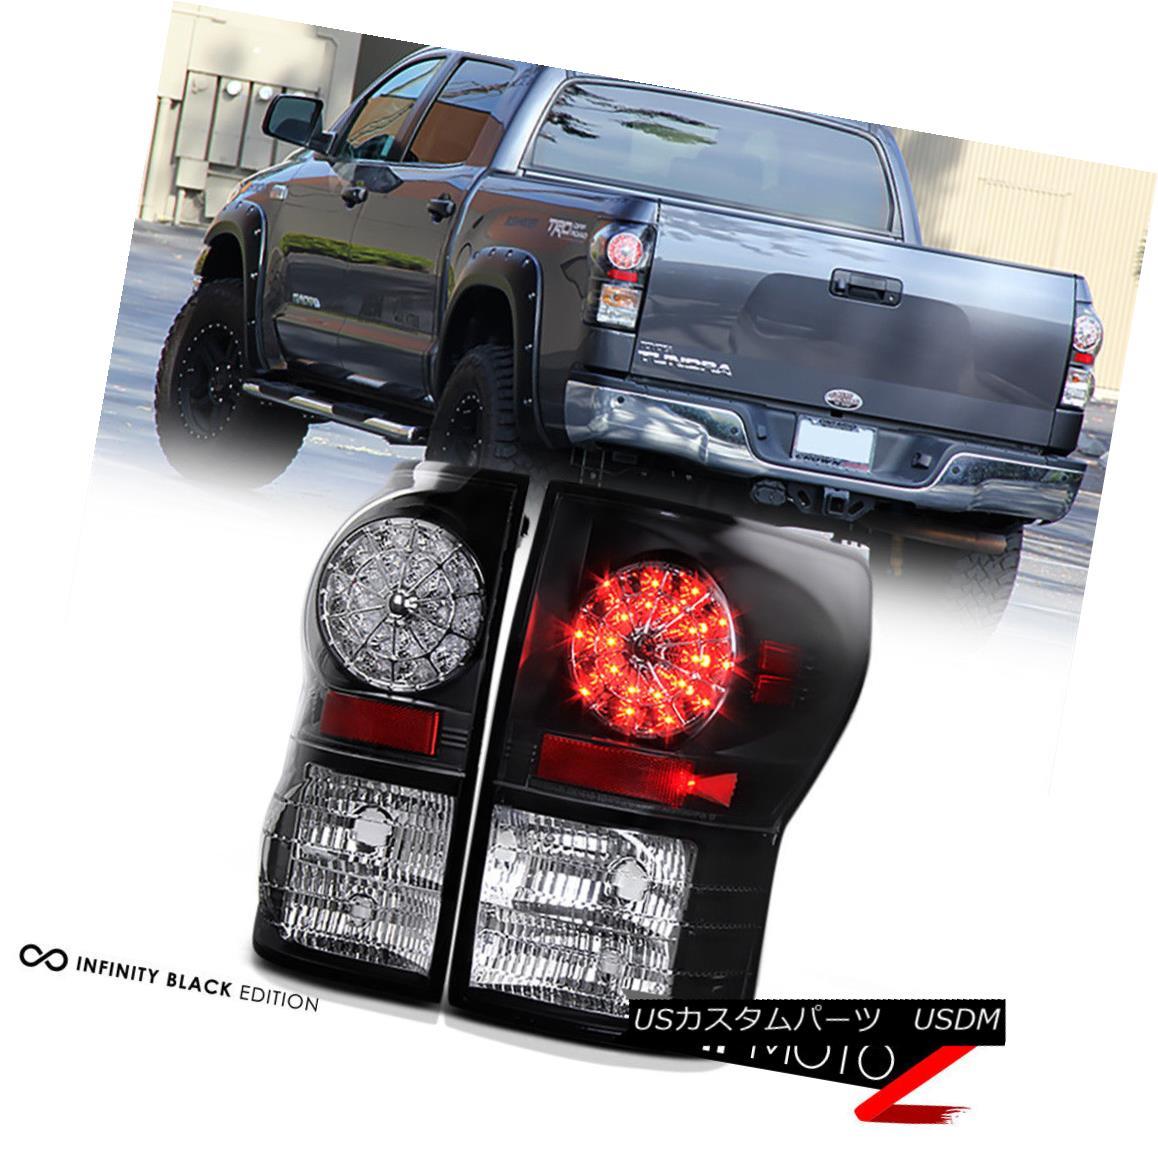 テールライト 2007-2013 Toyota Tundra [SUPERFLUX II SMD] Black LED Tail Light Brake Lamp PAIR 2007-2013トヨタトンドラ[SUPERFLUX II SMD]ブラックLEDテールライトブレーキランプペア